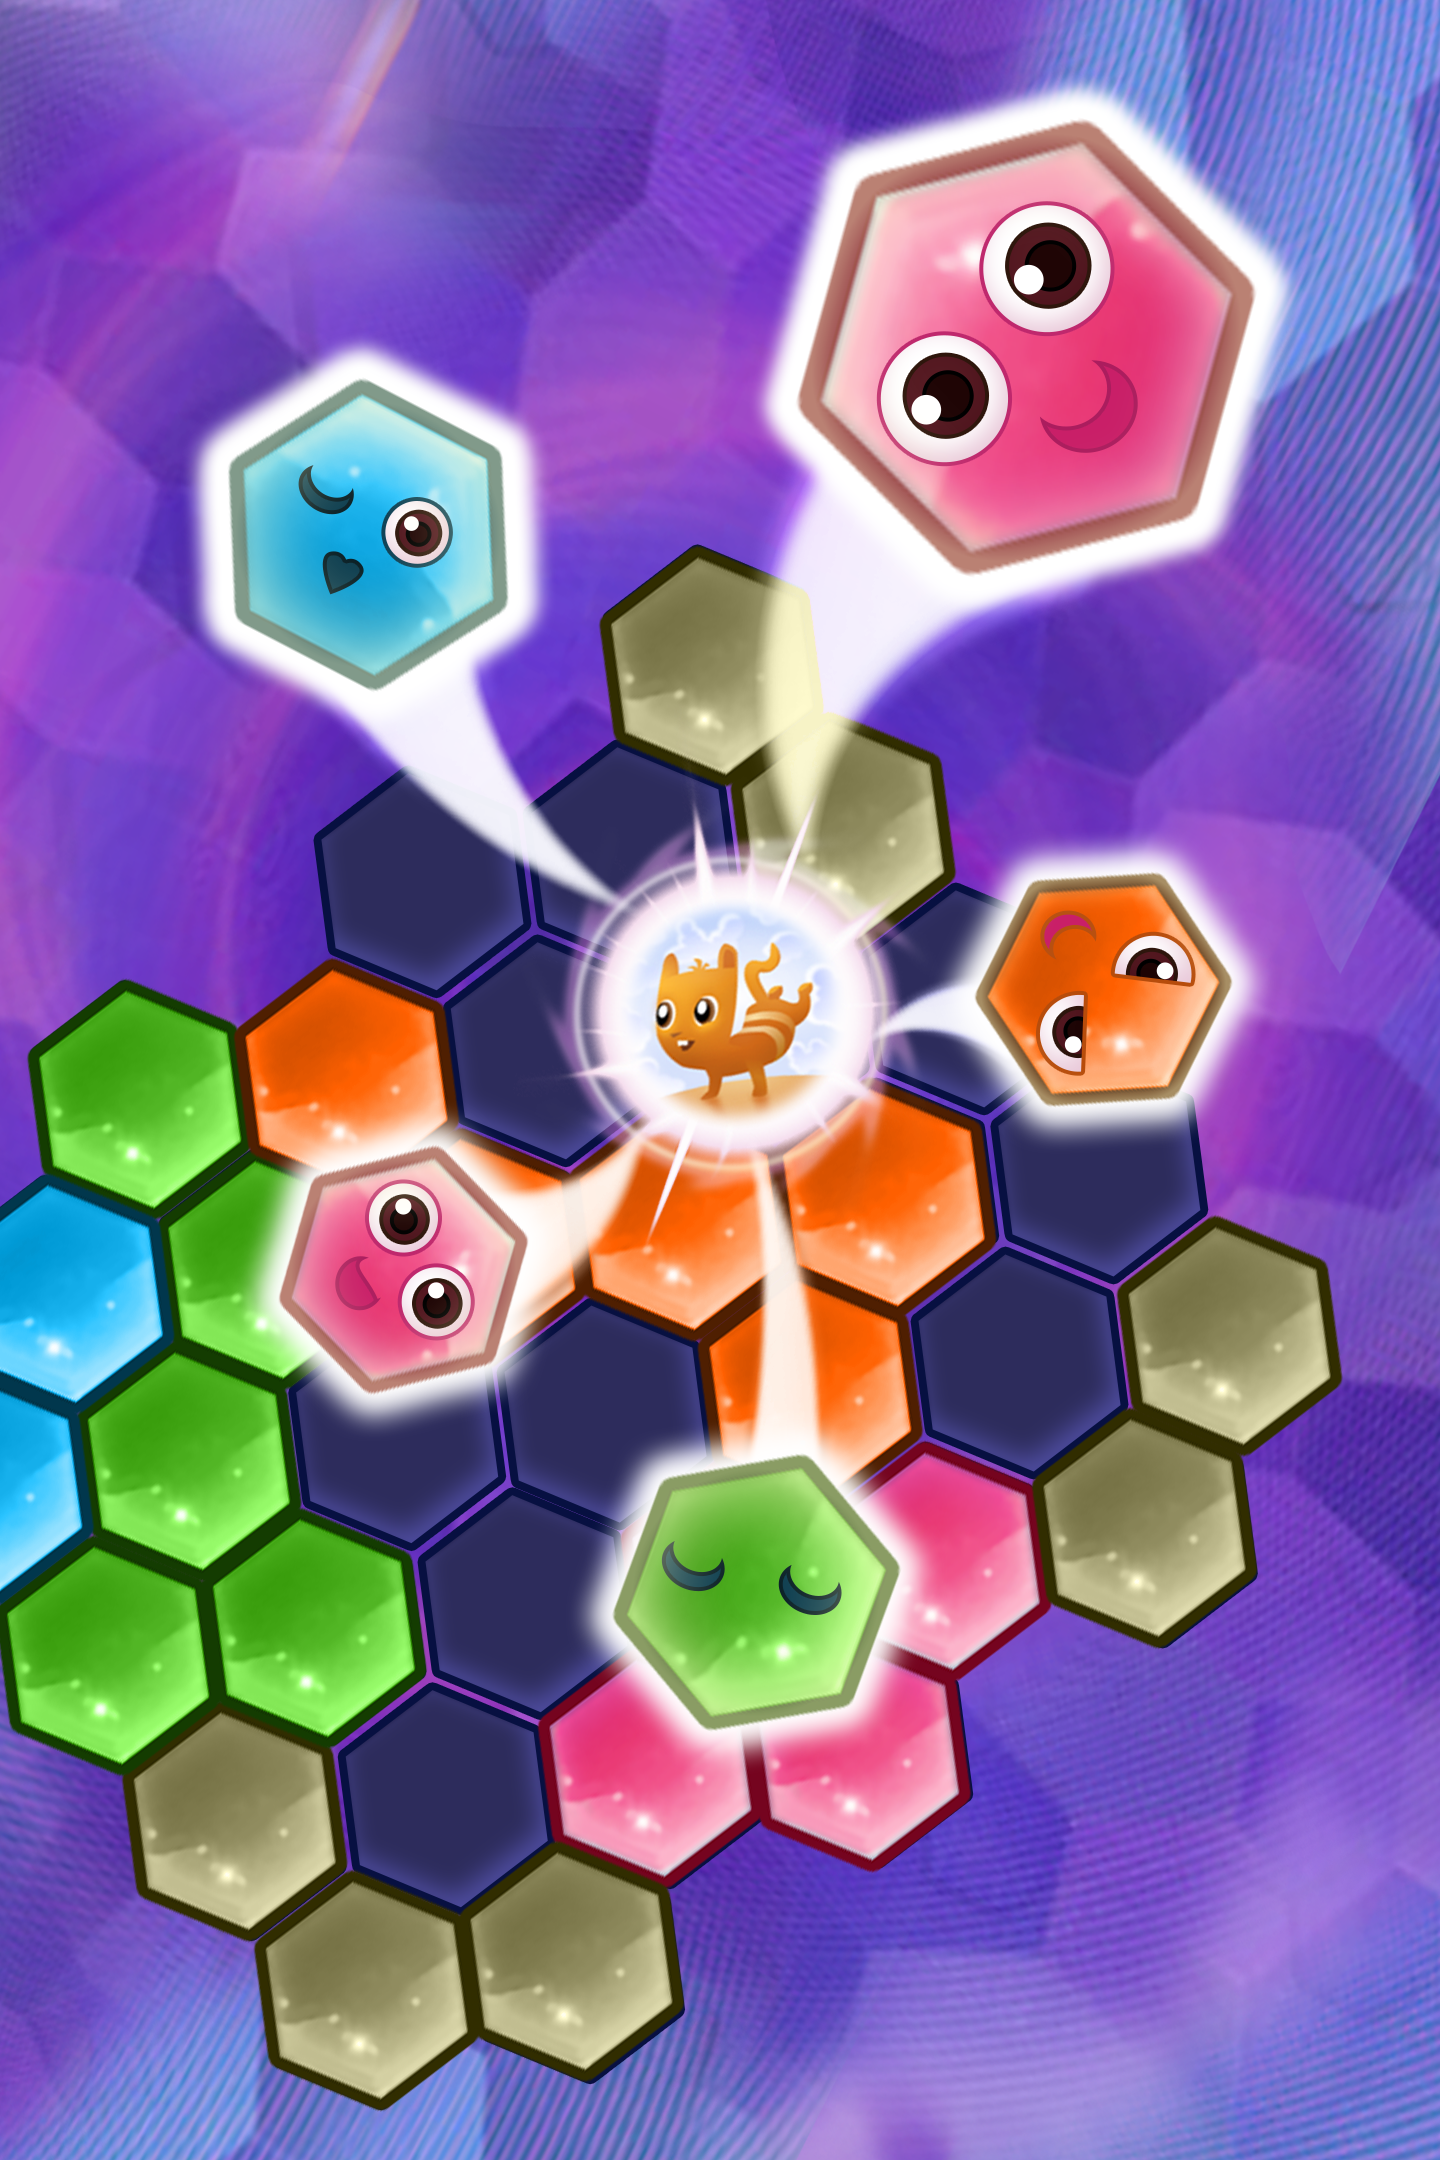 Hex Zen: Leisure Hexagon Eliminate